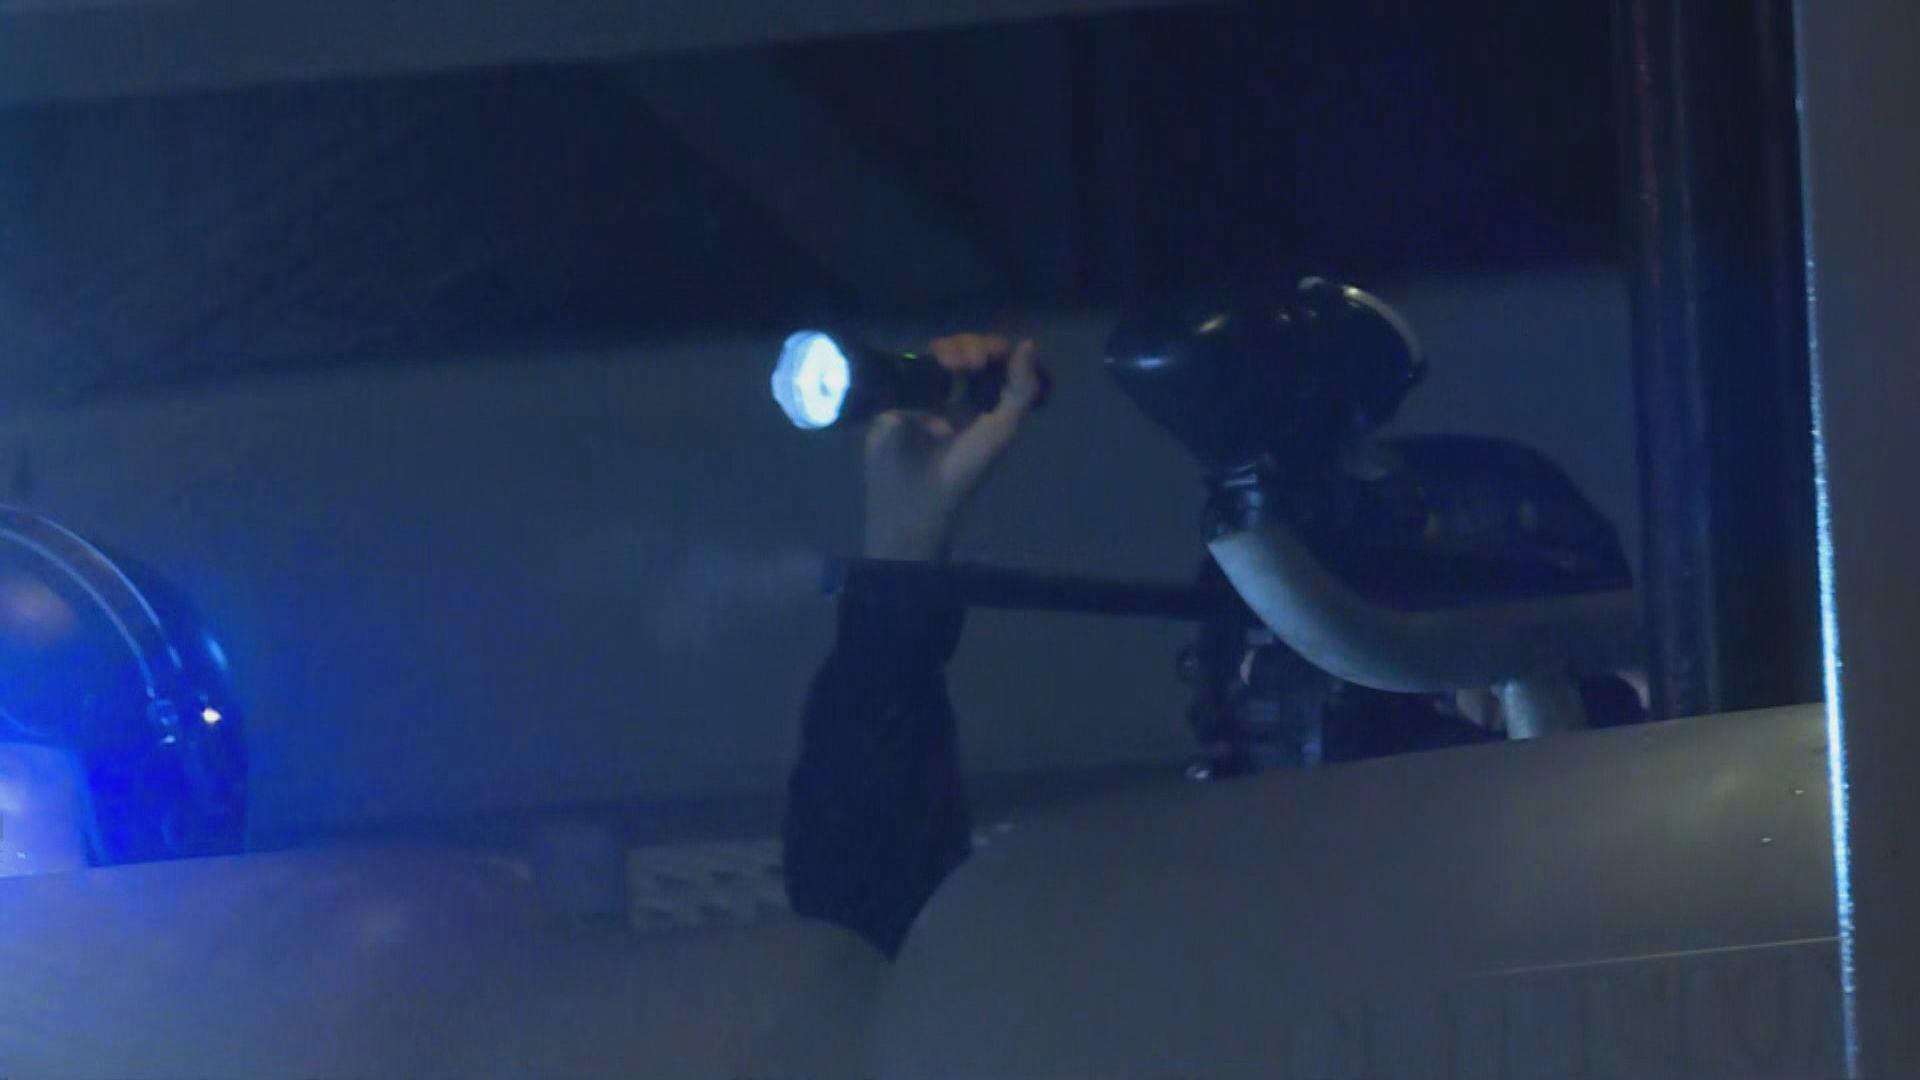 警員於警察體育遊樂會接連發射胡椒球彈